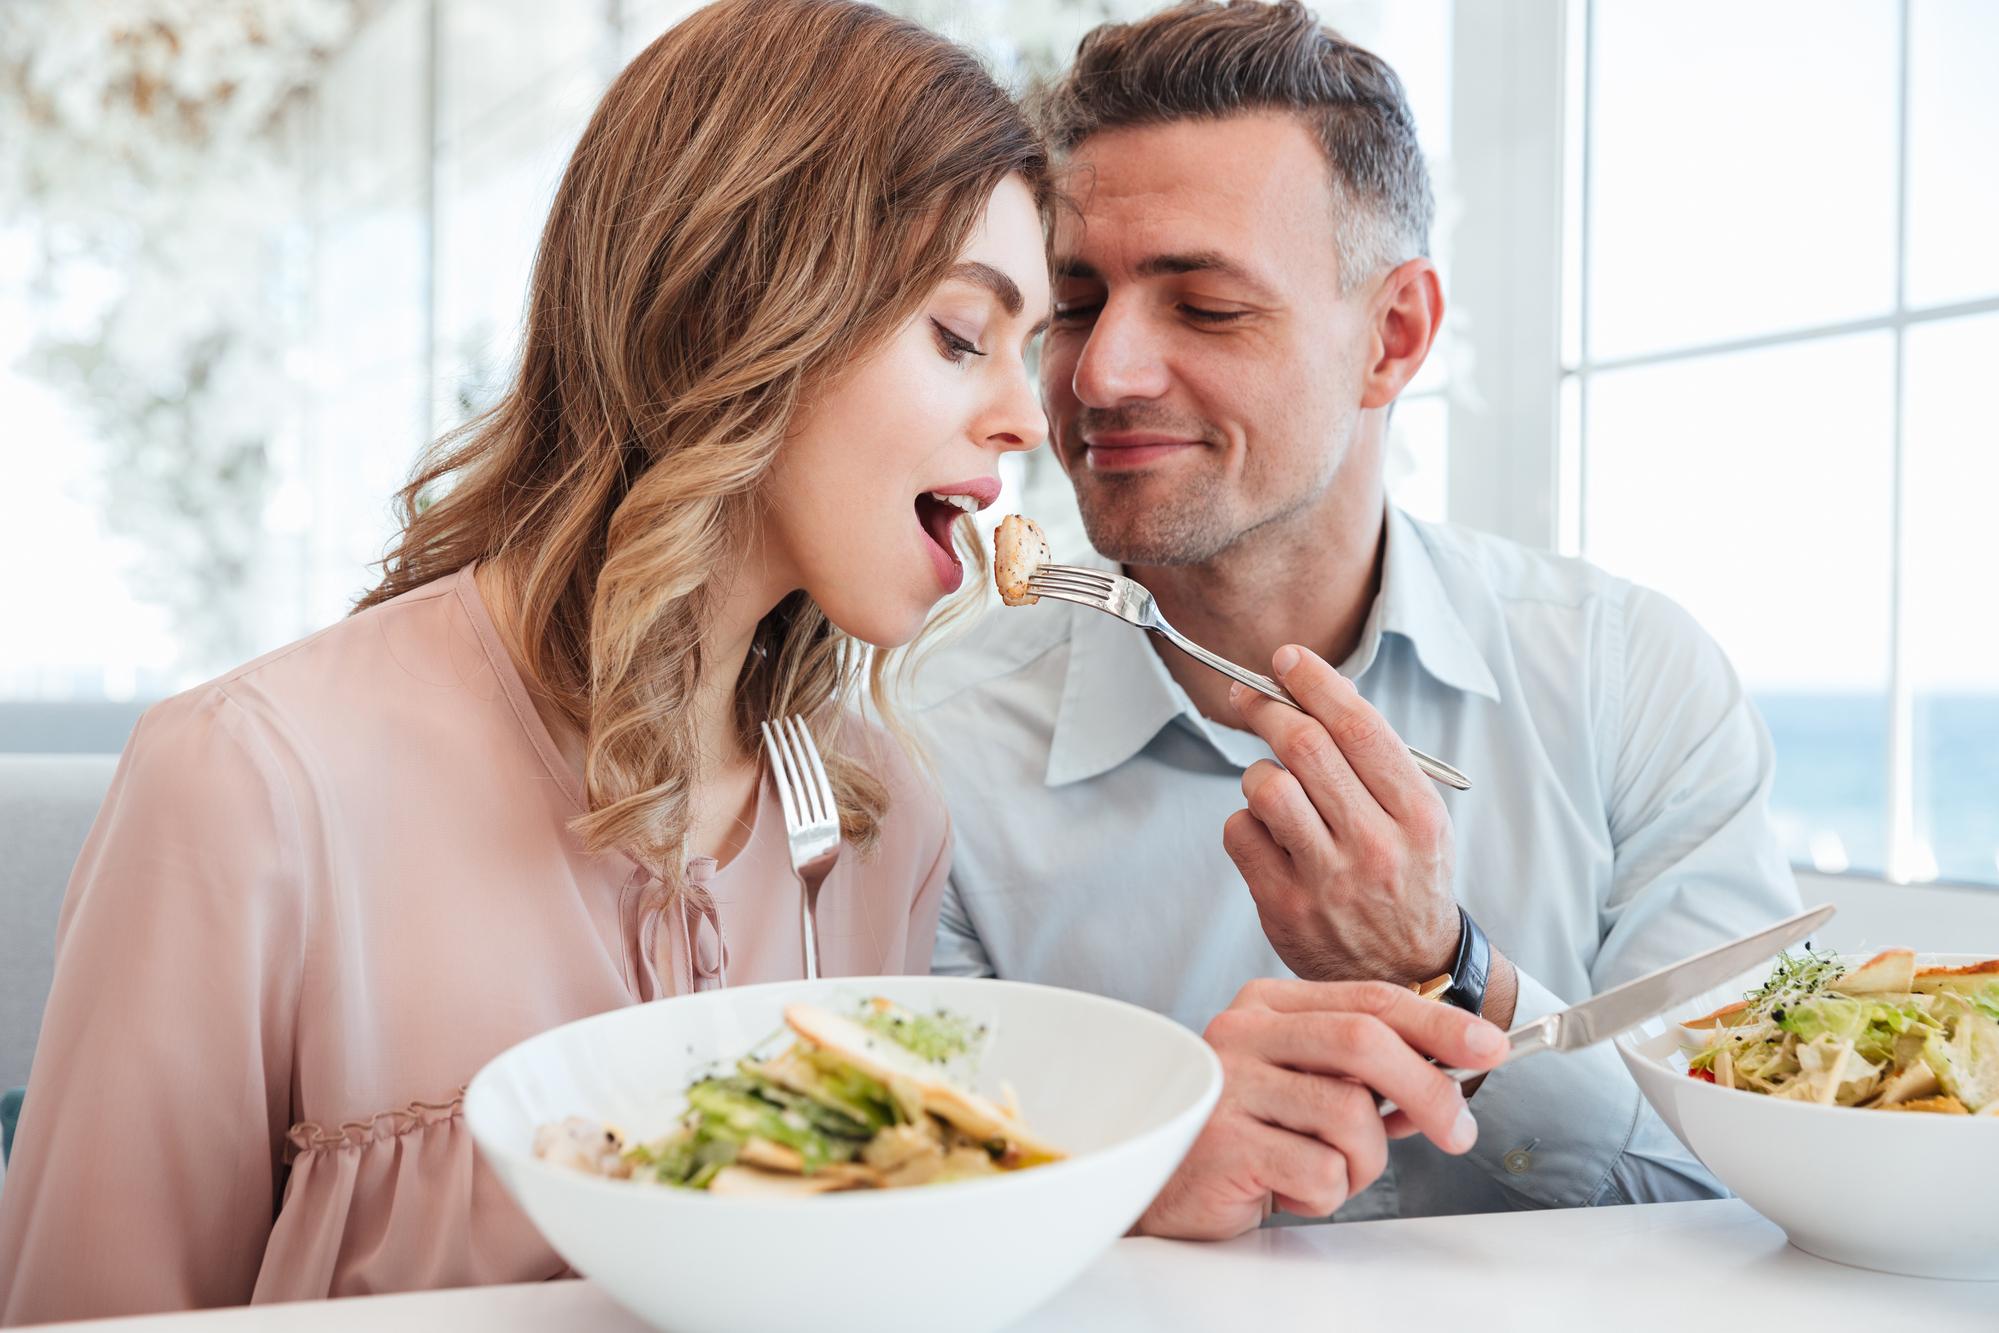 Zitate über Essen und Liebe